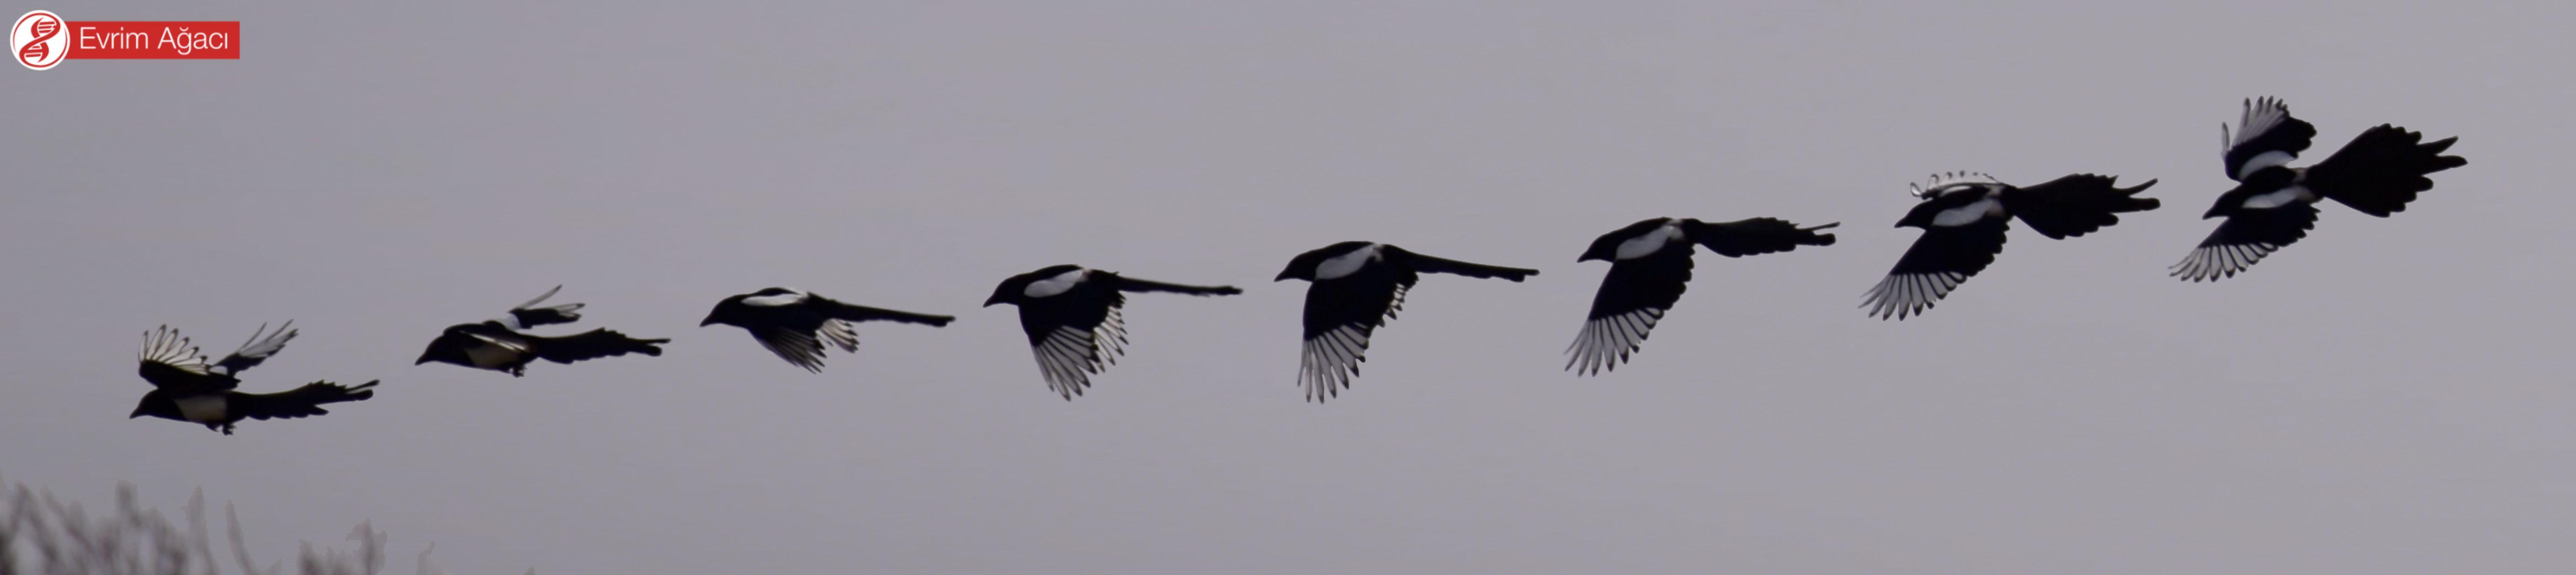 Uçarken çektiğimiz 10 saniyelik bir video kaydından birleştirdiğimiz 8 kare.